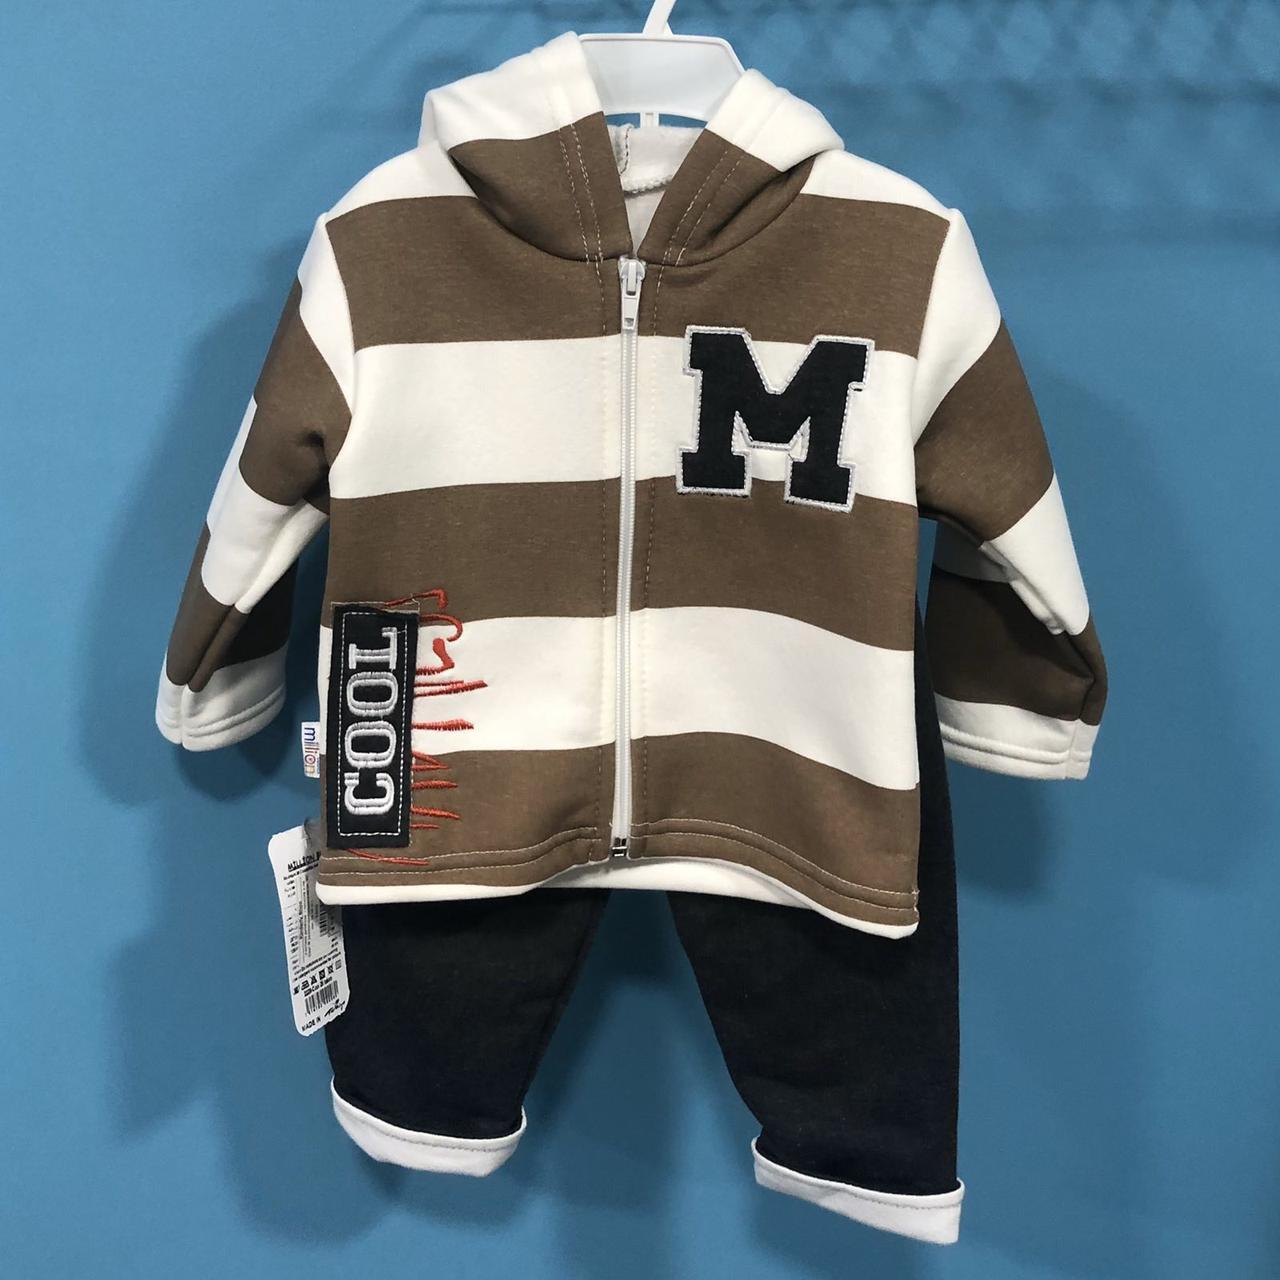 Детский костюм Milion для мальчика (на рост 80 см 12-18 мес  см)